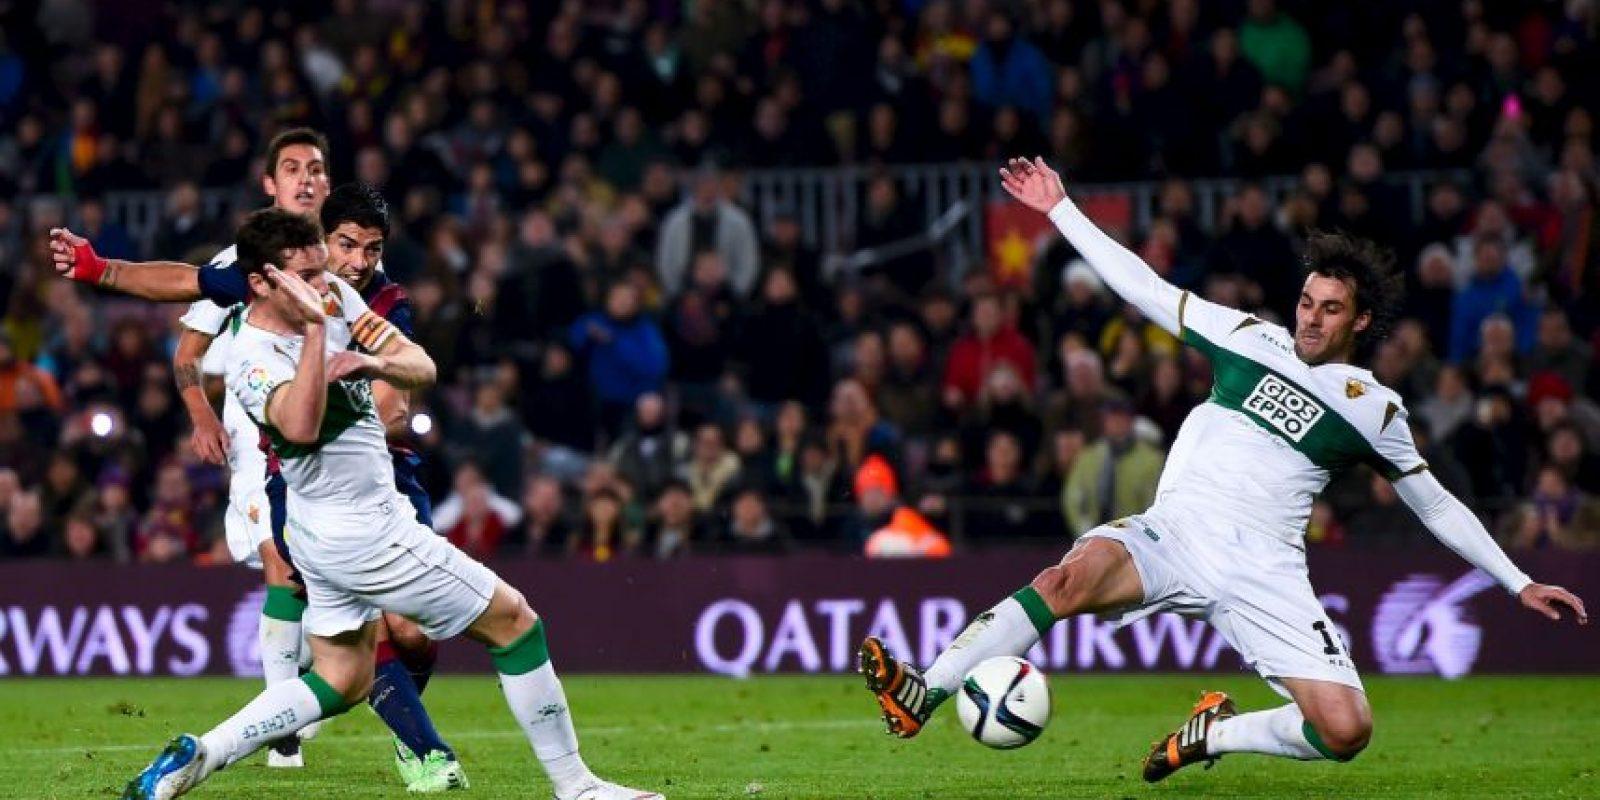 Los blaugranas se impusieron 5-0 en el partido de ida de los octavos de final de la Copa del Rey Foto:Getty